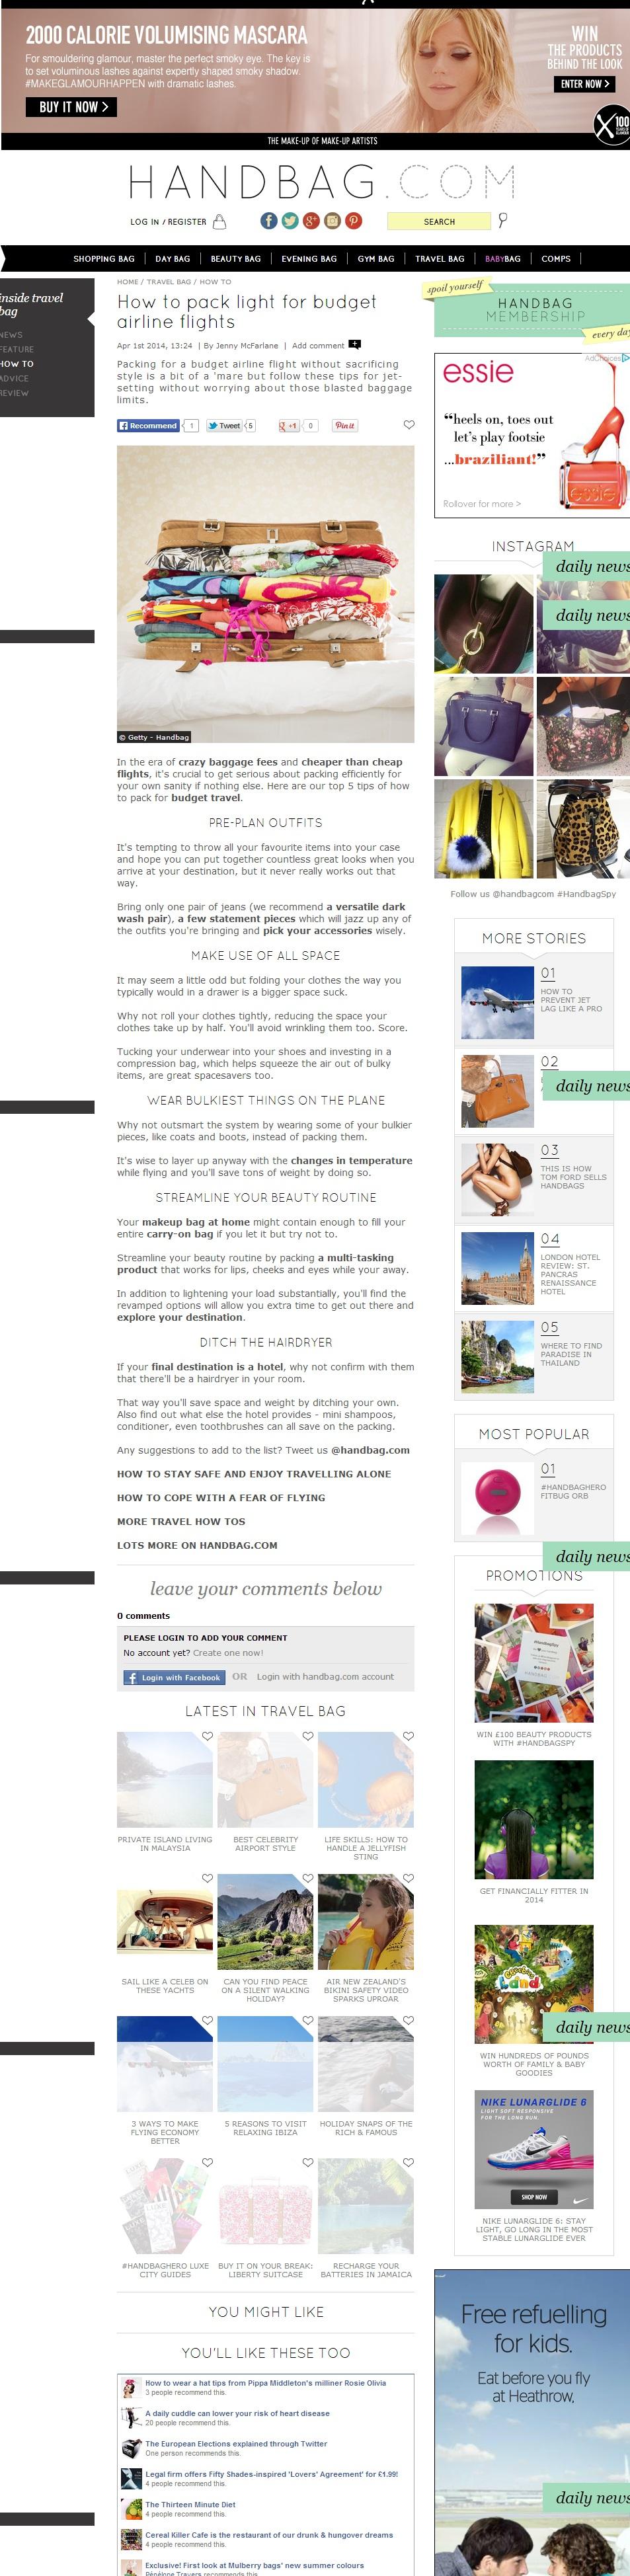 screencapture-www-handbag-com-travel-bag-how-to-a561391-how-to-pack-light-for-budget-airline-flights-html